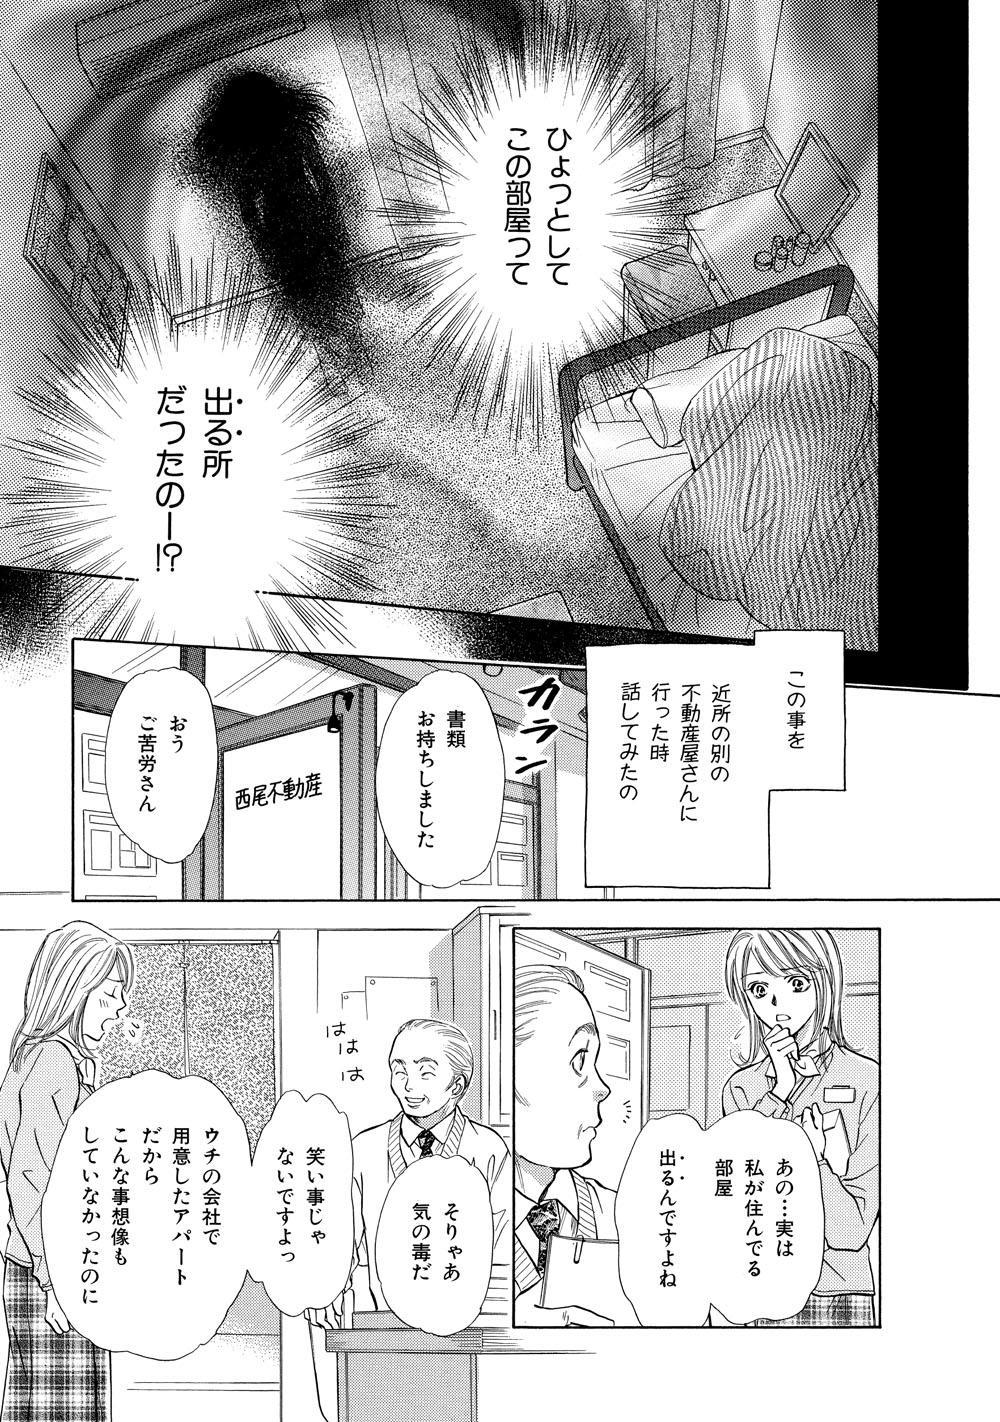 テレビ版_ほん怖_291.jpg